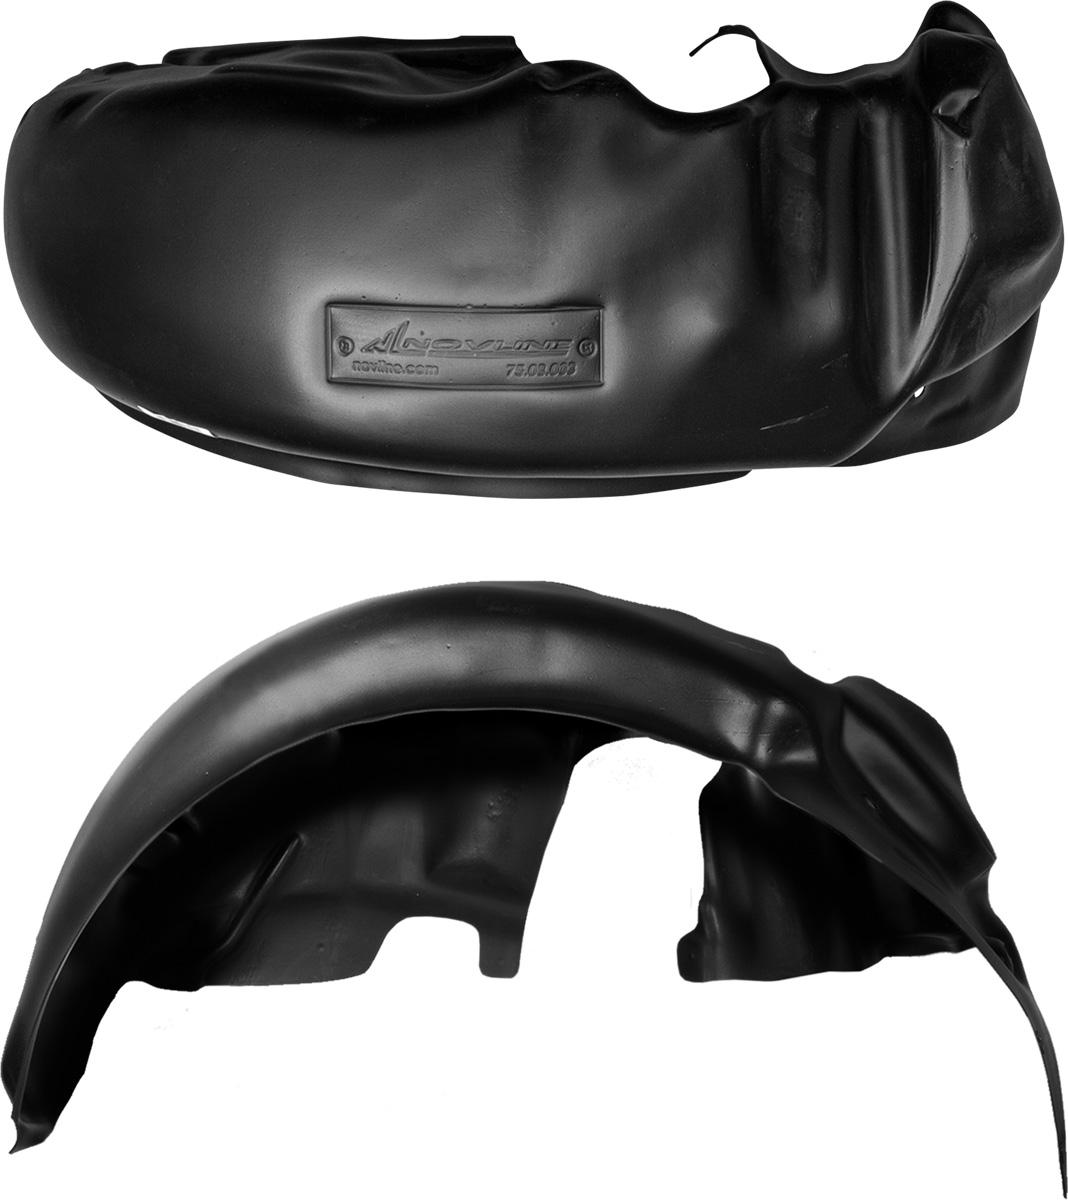 Подкрылки FORD Fusion 09/2002-2012 1 комплект, задниеVCA-00Колесные ниши – одни из самых уязвимых зон днища вашего автомобиля. Они постоянно подвергаются воздействию со стороны дороги. Лучшая, почти абсолютная защита для них - специально отформованные пластиковые кожухи, которые называются подкрылками, или локерами. Производятся они как для отечественных моделей автомобилей, так и для иномарок. Подкрылки выполнены из высококачественного, экологически чистого пластика. Обеспечивают надежную защиту кузова автомобиля от пескоструйного эффекта и негативного влияния, агрессивных антигололедных реагентов. Пластик обладает более низкой теплопроводностью, чем металл, поэтому в зимний период эксплуатации использование пластиковых подкрылков позволяет лучше защитить колесные ниши от налипания снега и образования наледи. Оригинальность конструкции подчеркивает элегантность автомобиля, бережно защищает нанесенное на днище кузова антикоррозийное покрытие и позволяет осуществить крепление подкрылков внутри колесной арки практически без дополнительного крепежа и сверления, не нарушая при этом лакокрасочного покрытия, что предотвращает возникновение новых очагов коррозии. Технология крепления подкрылков на иномарки принципиально отличается от крепления на российские автомобили и разрабатывается индивидуально для каждой модели автомобиля. Подкрылки долговечны, обладают высокой прочностью и сохраняют заданную форму, а также все свои физико-механические характеристики в самых тяжелых климатических условиях ( от -50° С до + 50° С).